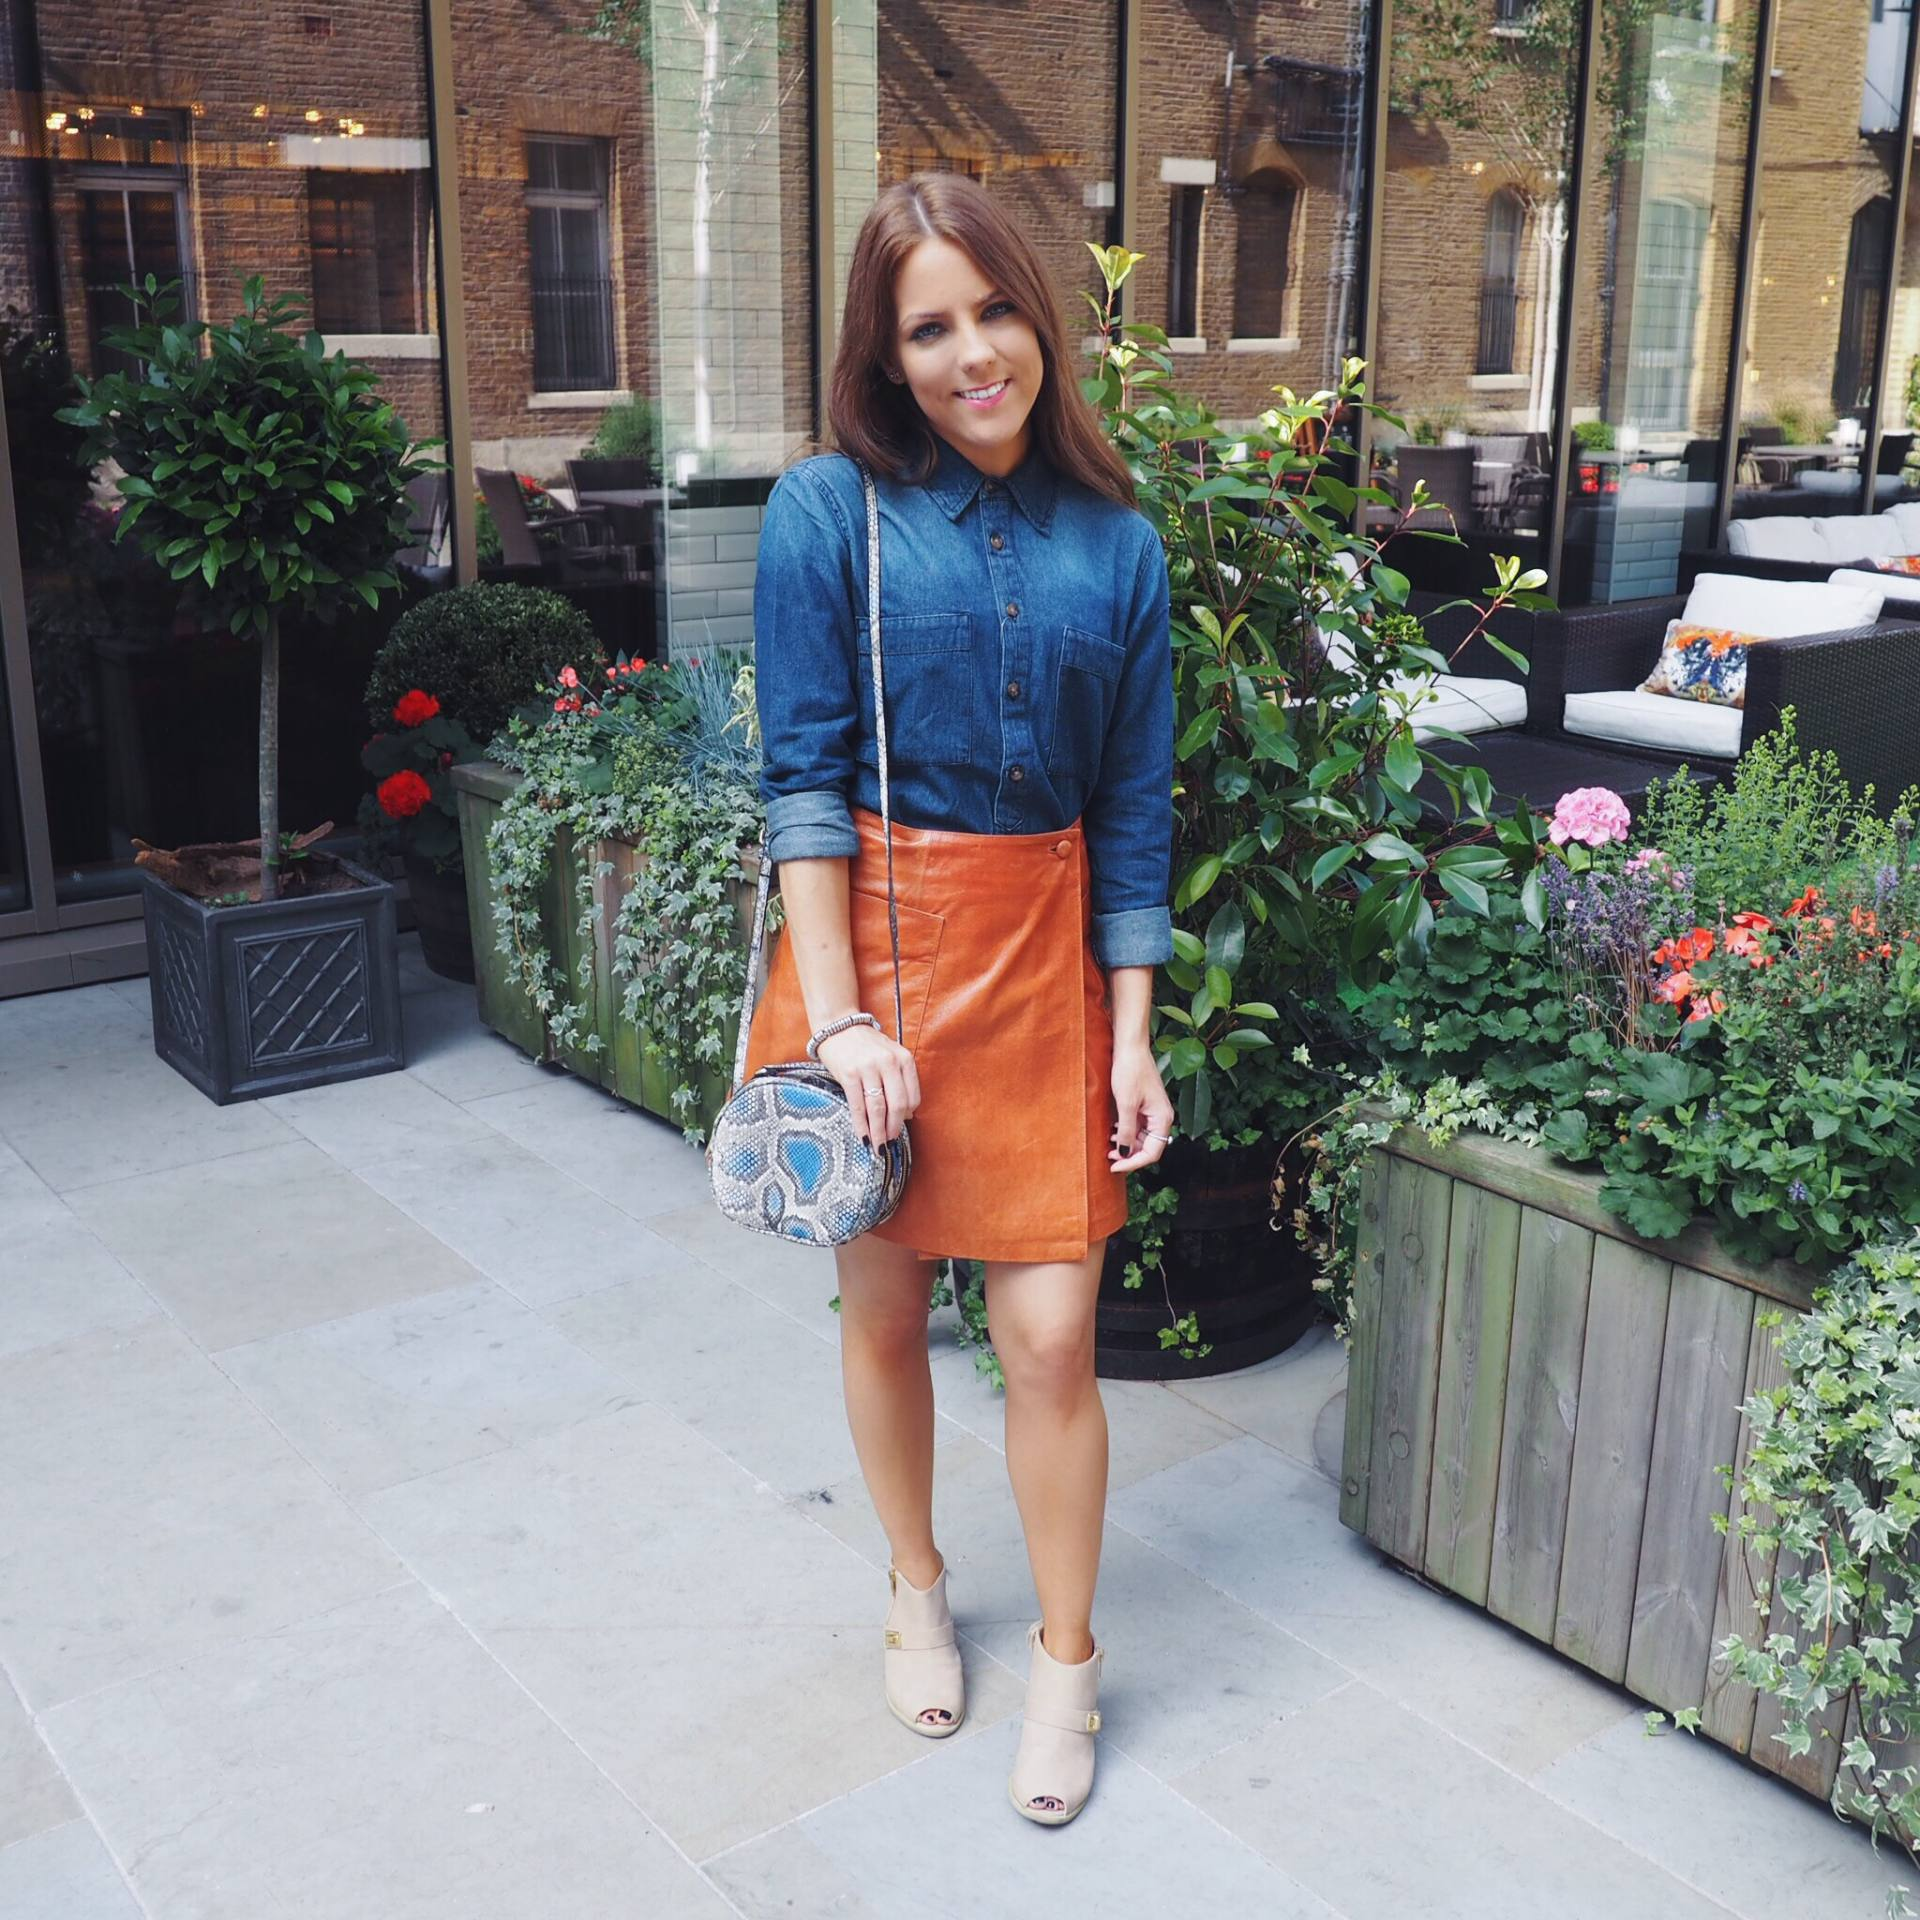 ASOS denim shirt and ASOS leather wrap skirt